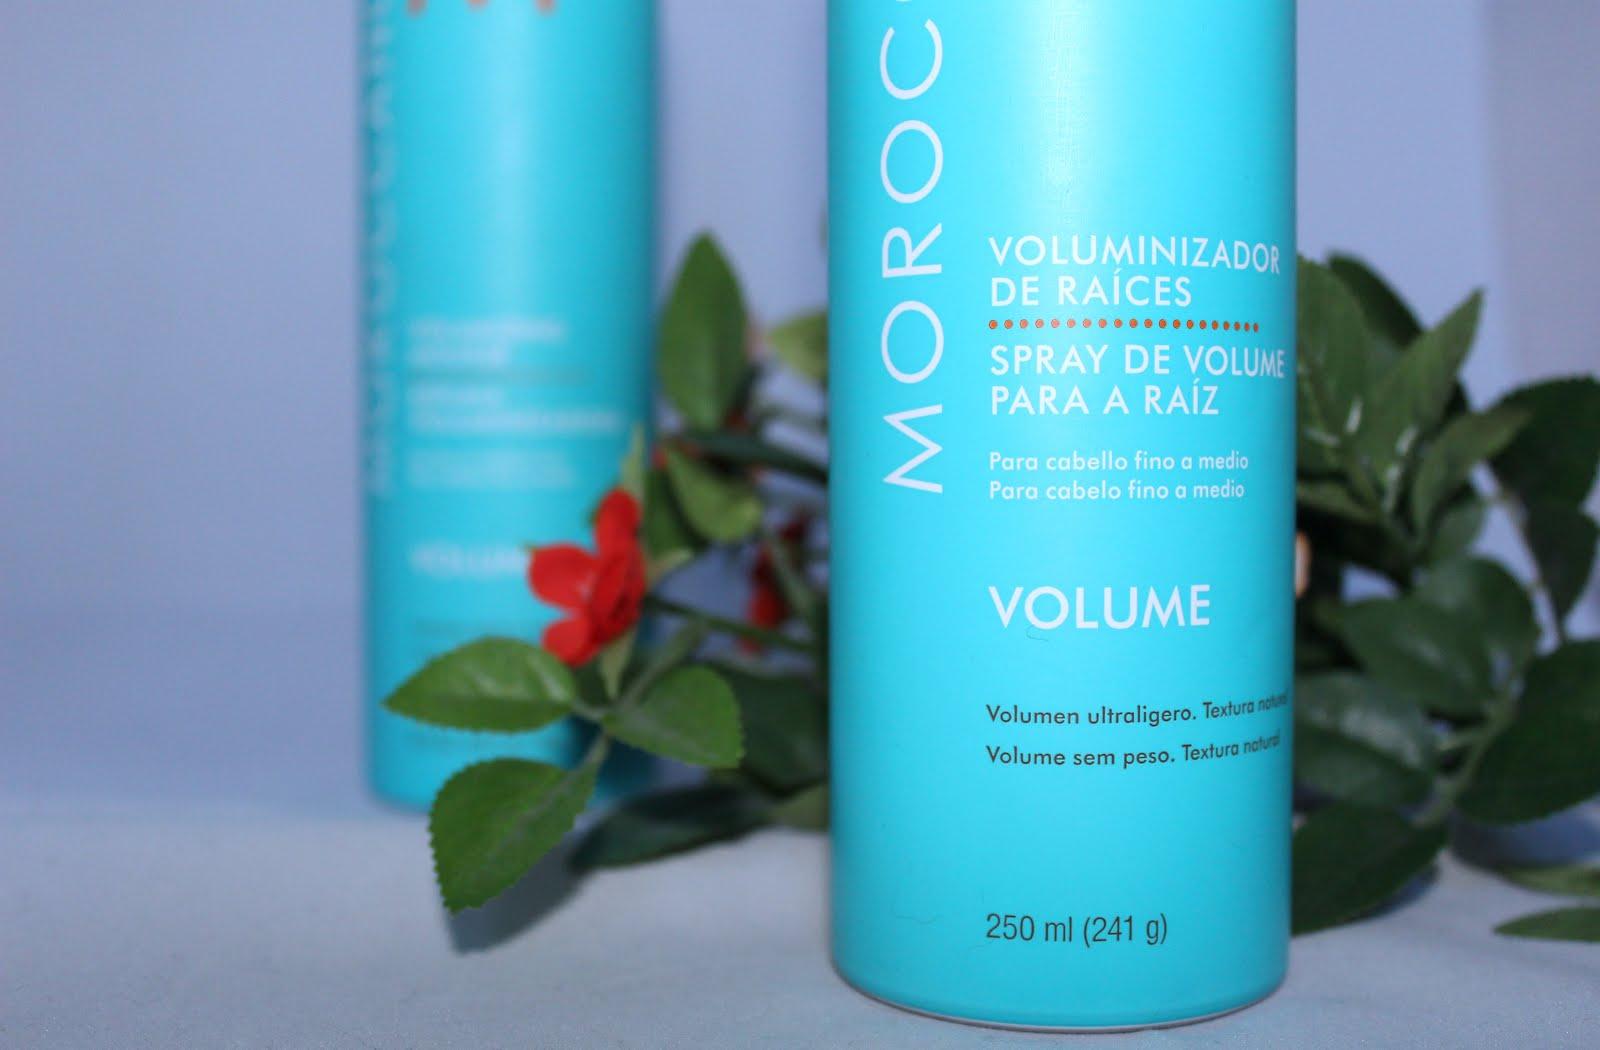 Kit Pro: Productos para dar volumen al cabello